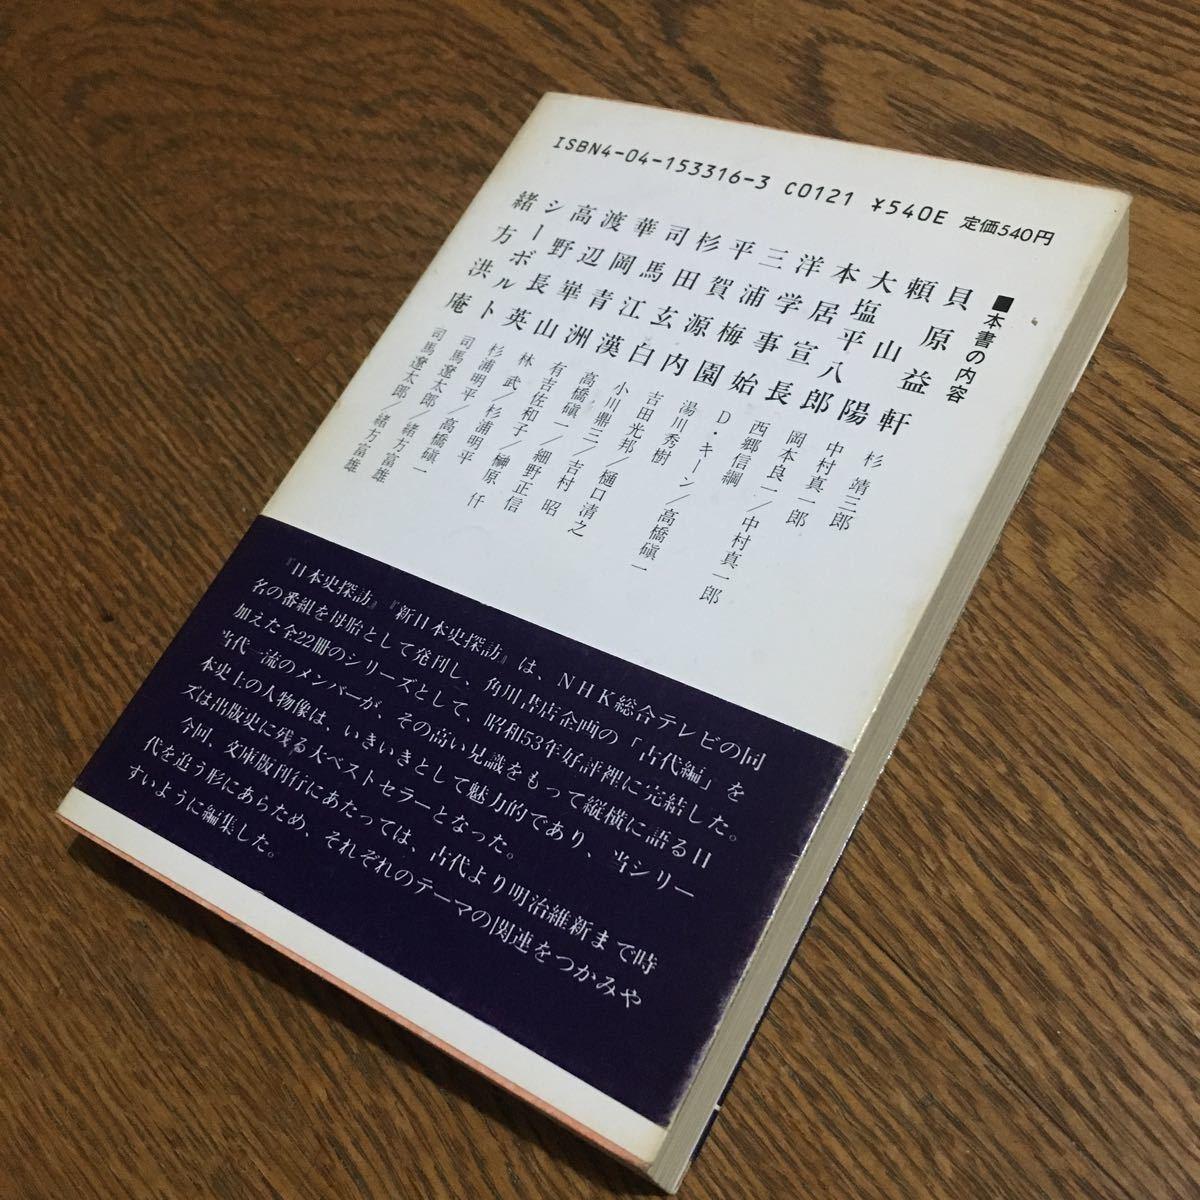 角川書店 編☆日本史探訪 16 (4版・帯付き)☆角川書店_画像2